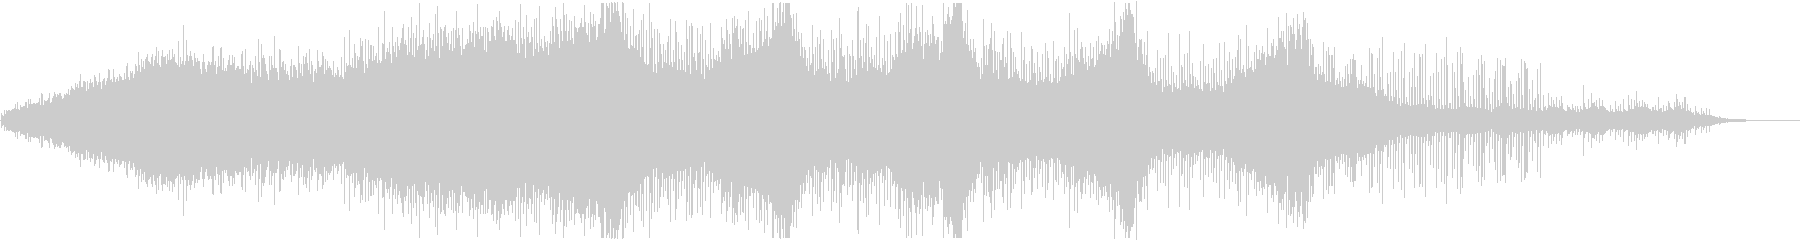 ガムラン系ヒーリング系BGMですの未再生の波形